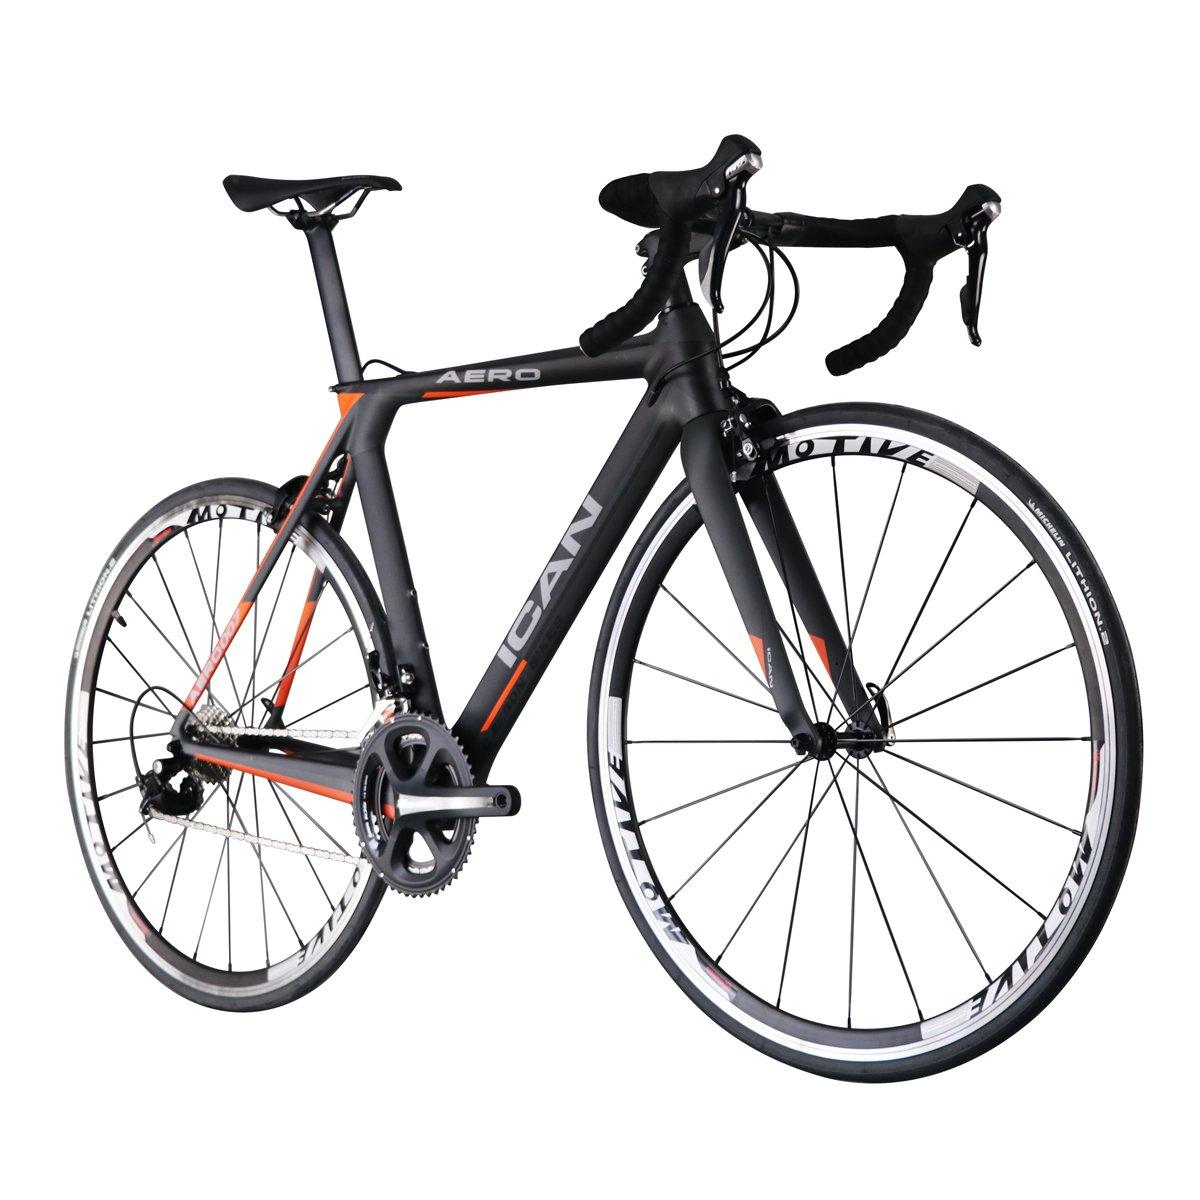 ICAN(アイカン) AERO 007 エアロT700カーボン ロードバイク Shimano(シマノ) 105 (5800)グループ エアロダイナミクス採用フレーム  サイズ:50/52/54/56/58cmから選択可(52cm-約7.85kg) 超轻量 B01KNH5BZI 56cm